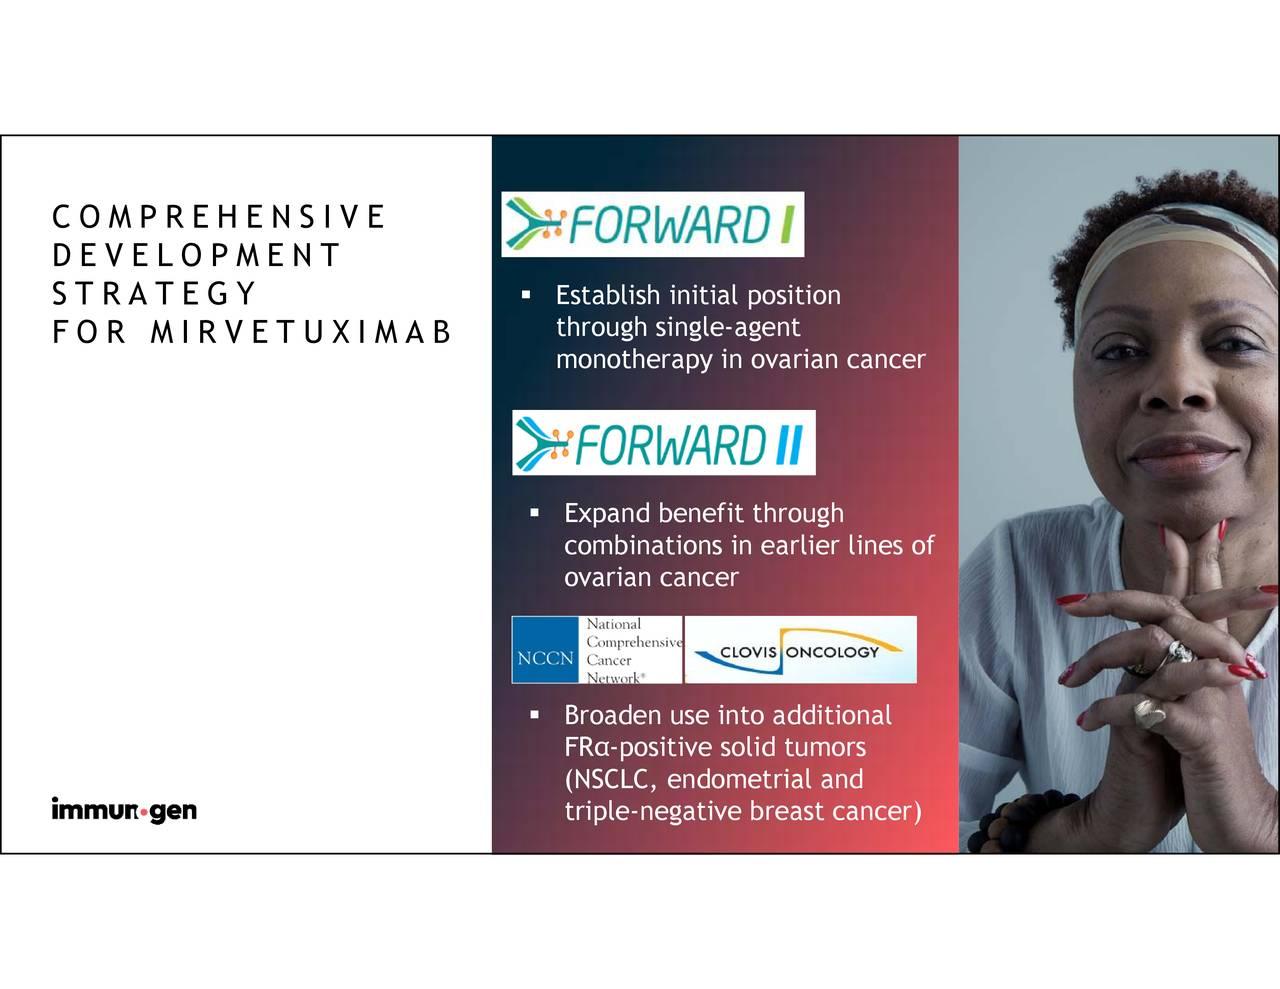 伪positive solid tumors ExpcoovbriaifashBrFRdNntrpli-noaatetriraasdcancer) Esahrioniniegap-aitonvarian cancer    CODMEPRERHOPNMGIREVETUXIMAB